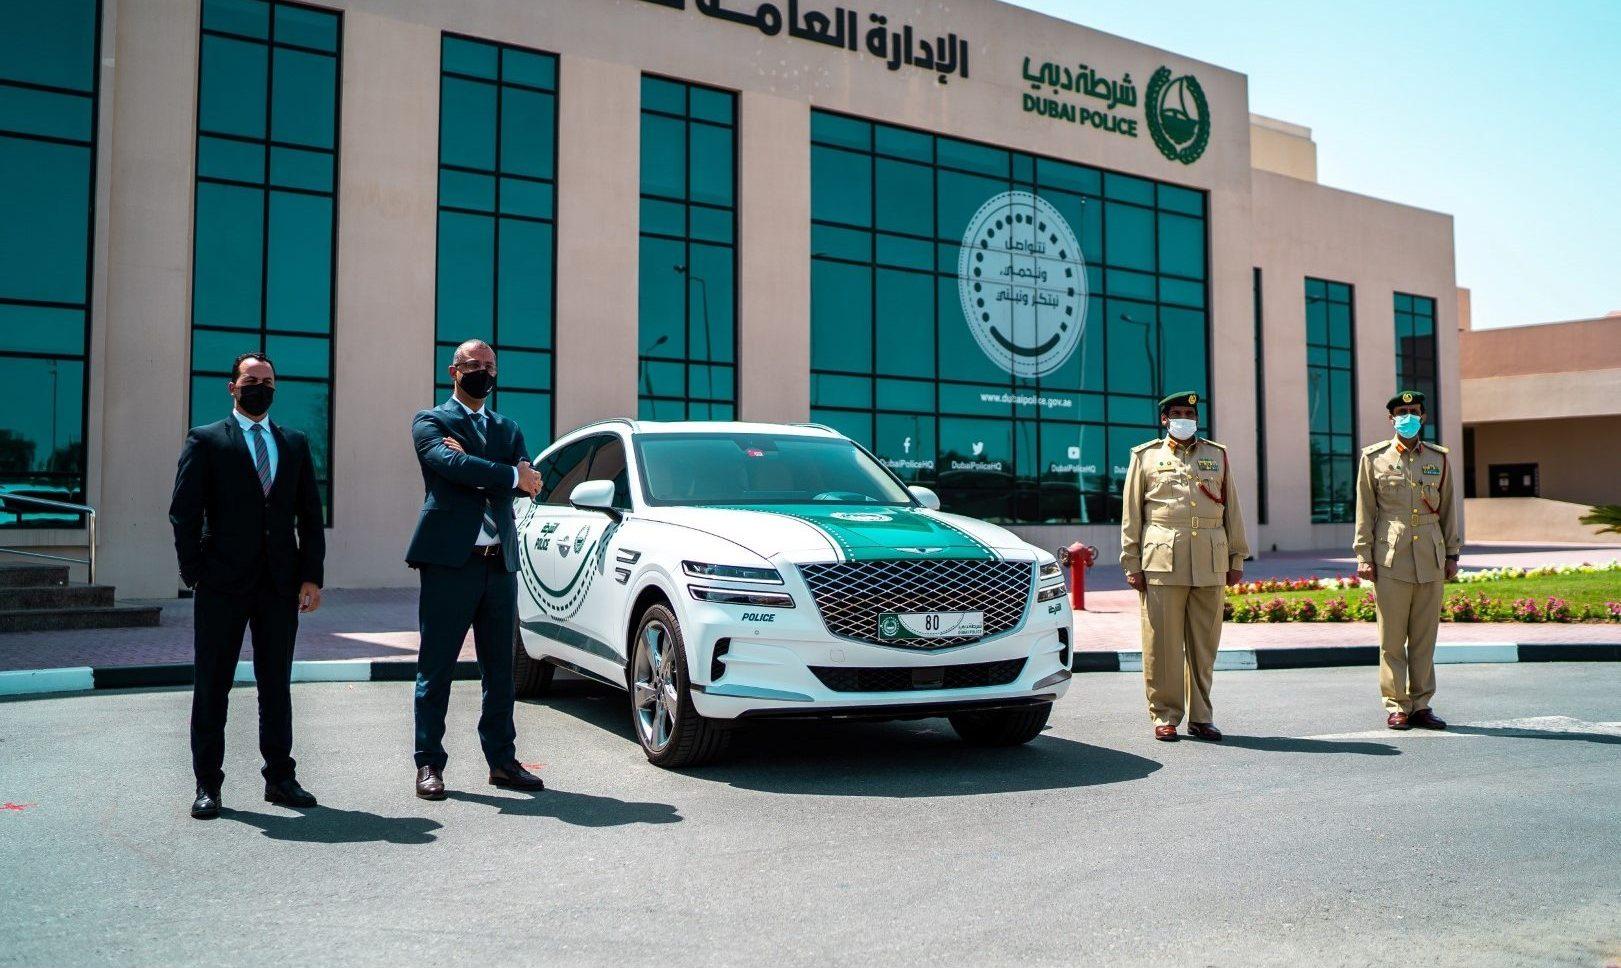 شرطة دبي تعزز أسطول سياراتها بجينيسيس GV 80